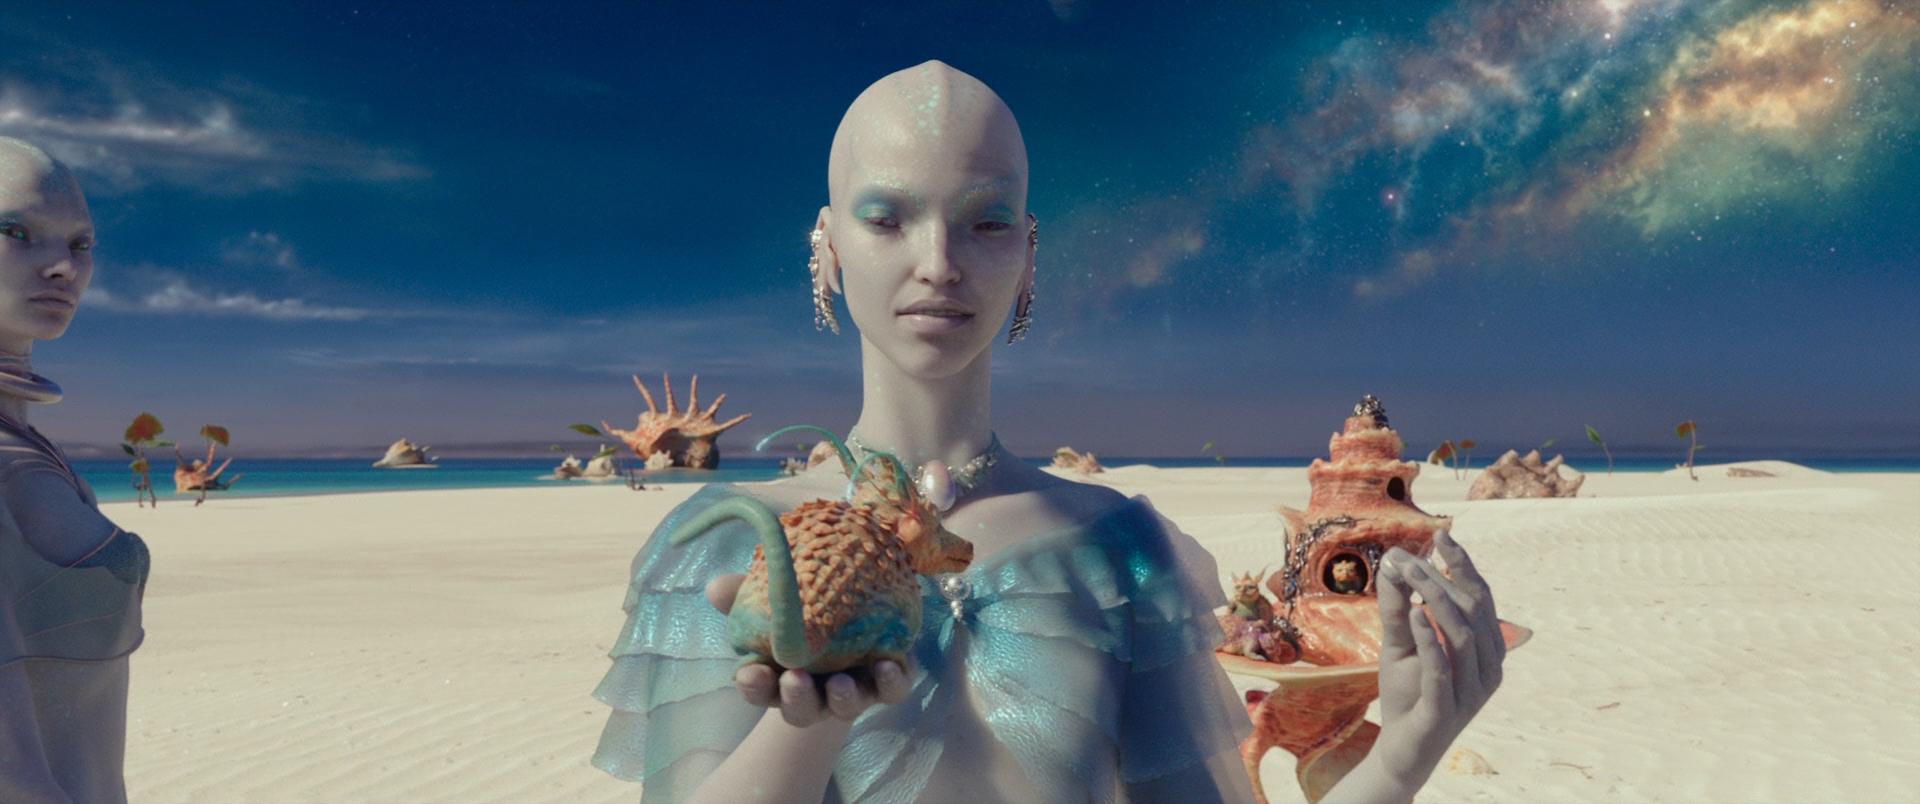 Валериан и город тысячи планет / Valerian and the City of a Thousand Planets (2017/BDRip) 1080p, D, A, Лицензия, Локализованая версия